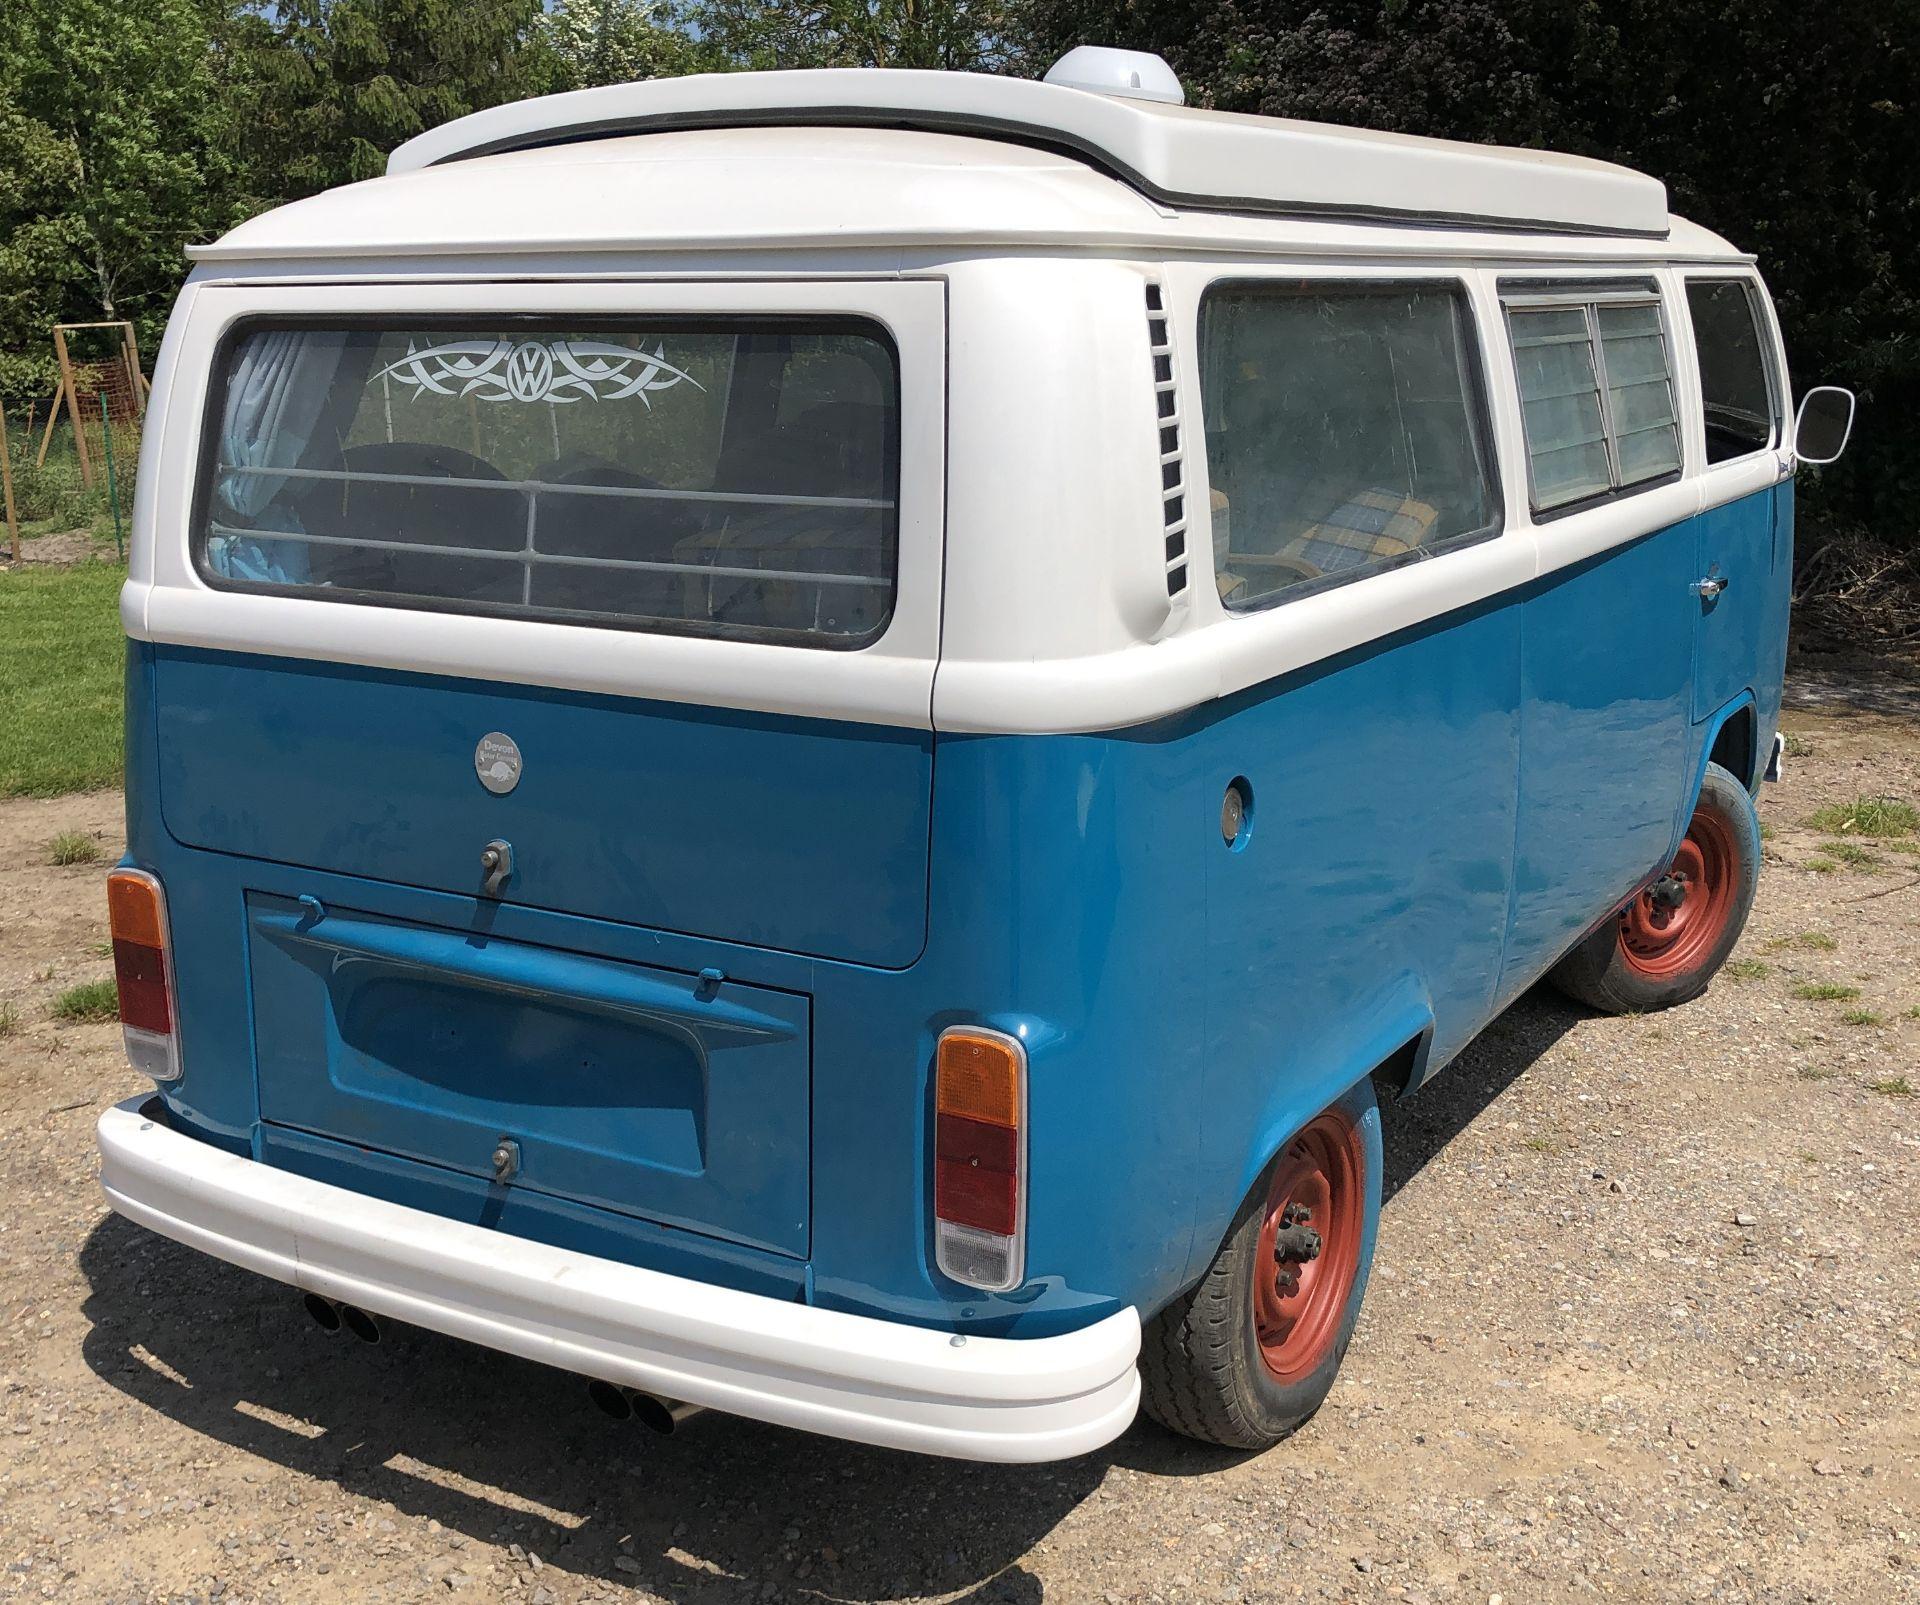 VW Microbus 8 Seater Caravanette Devon - 'Mr Blue' Petrol, Registration UMH 420S, First Registered - Image 8 of 47